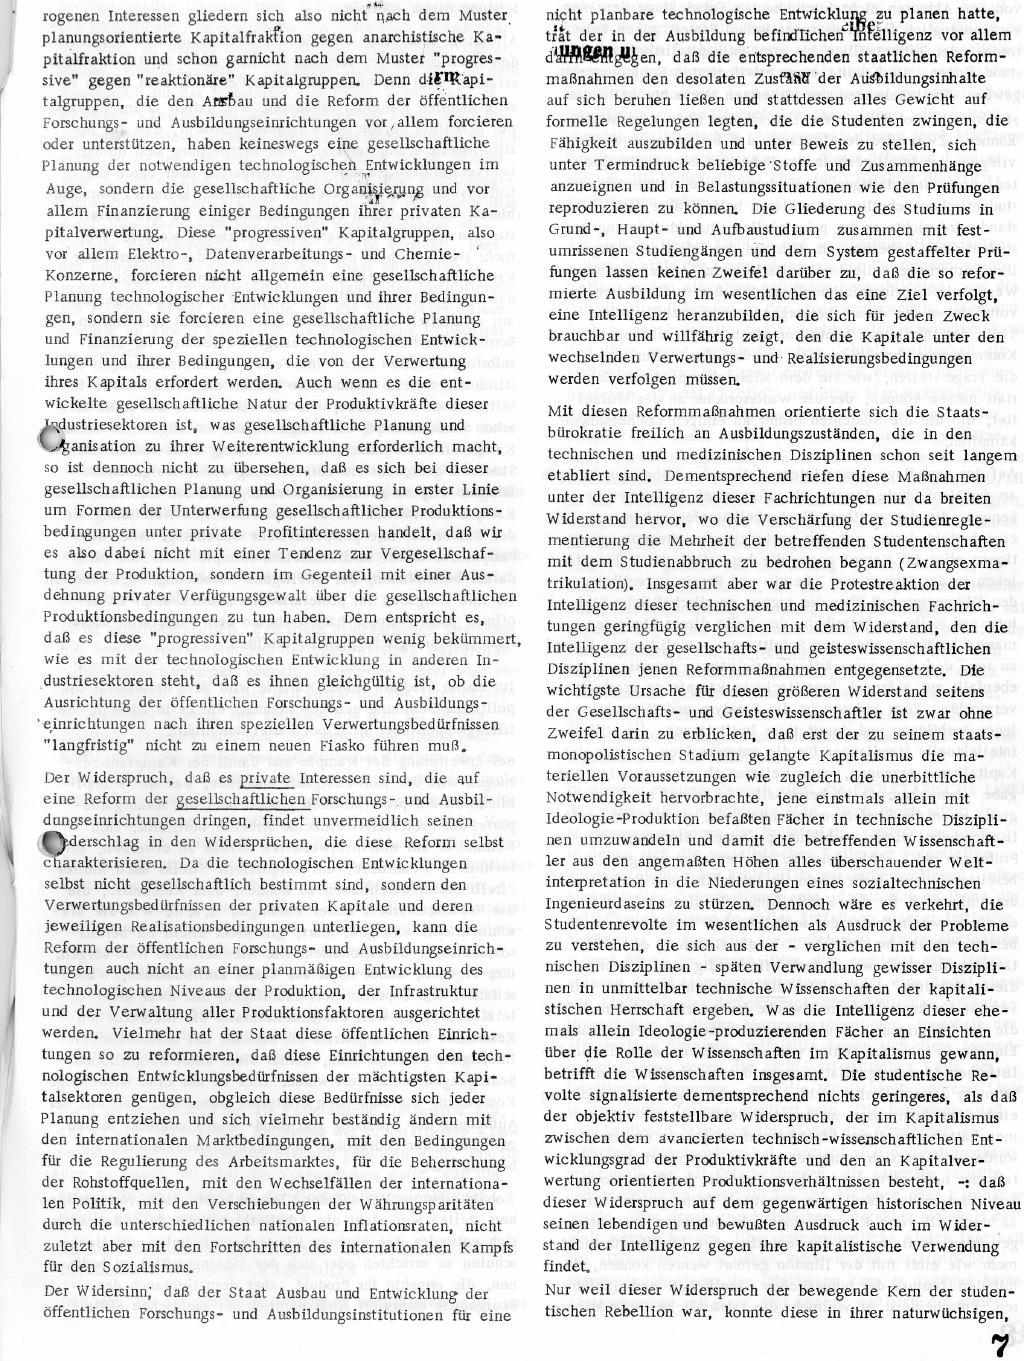 RPK_1970_084_07